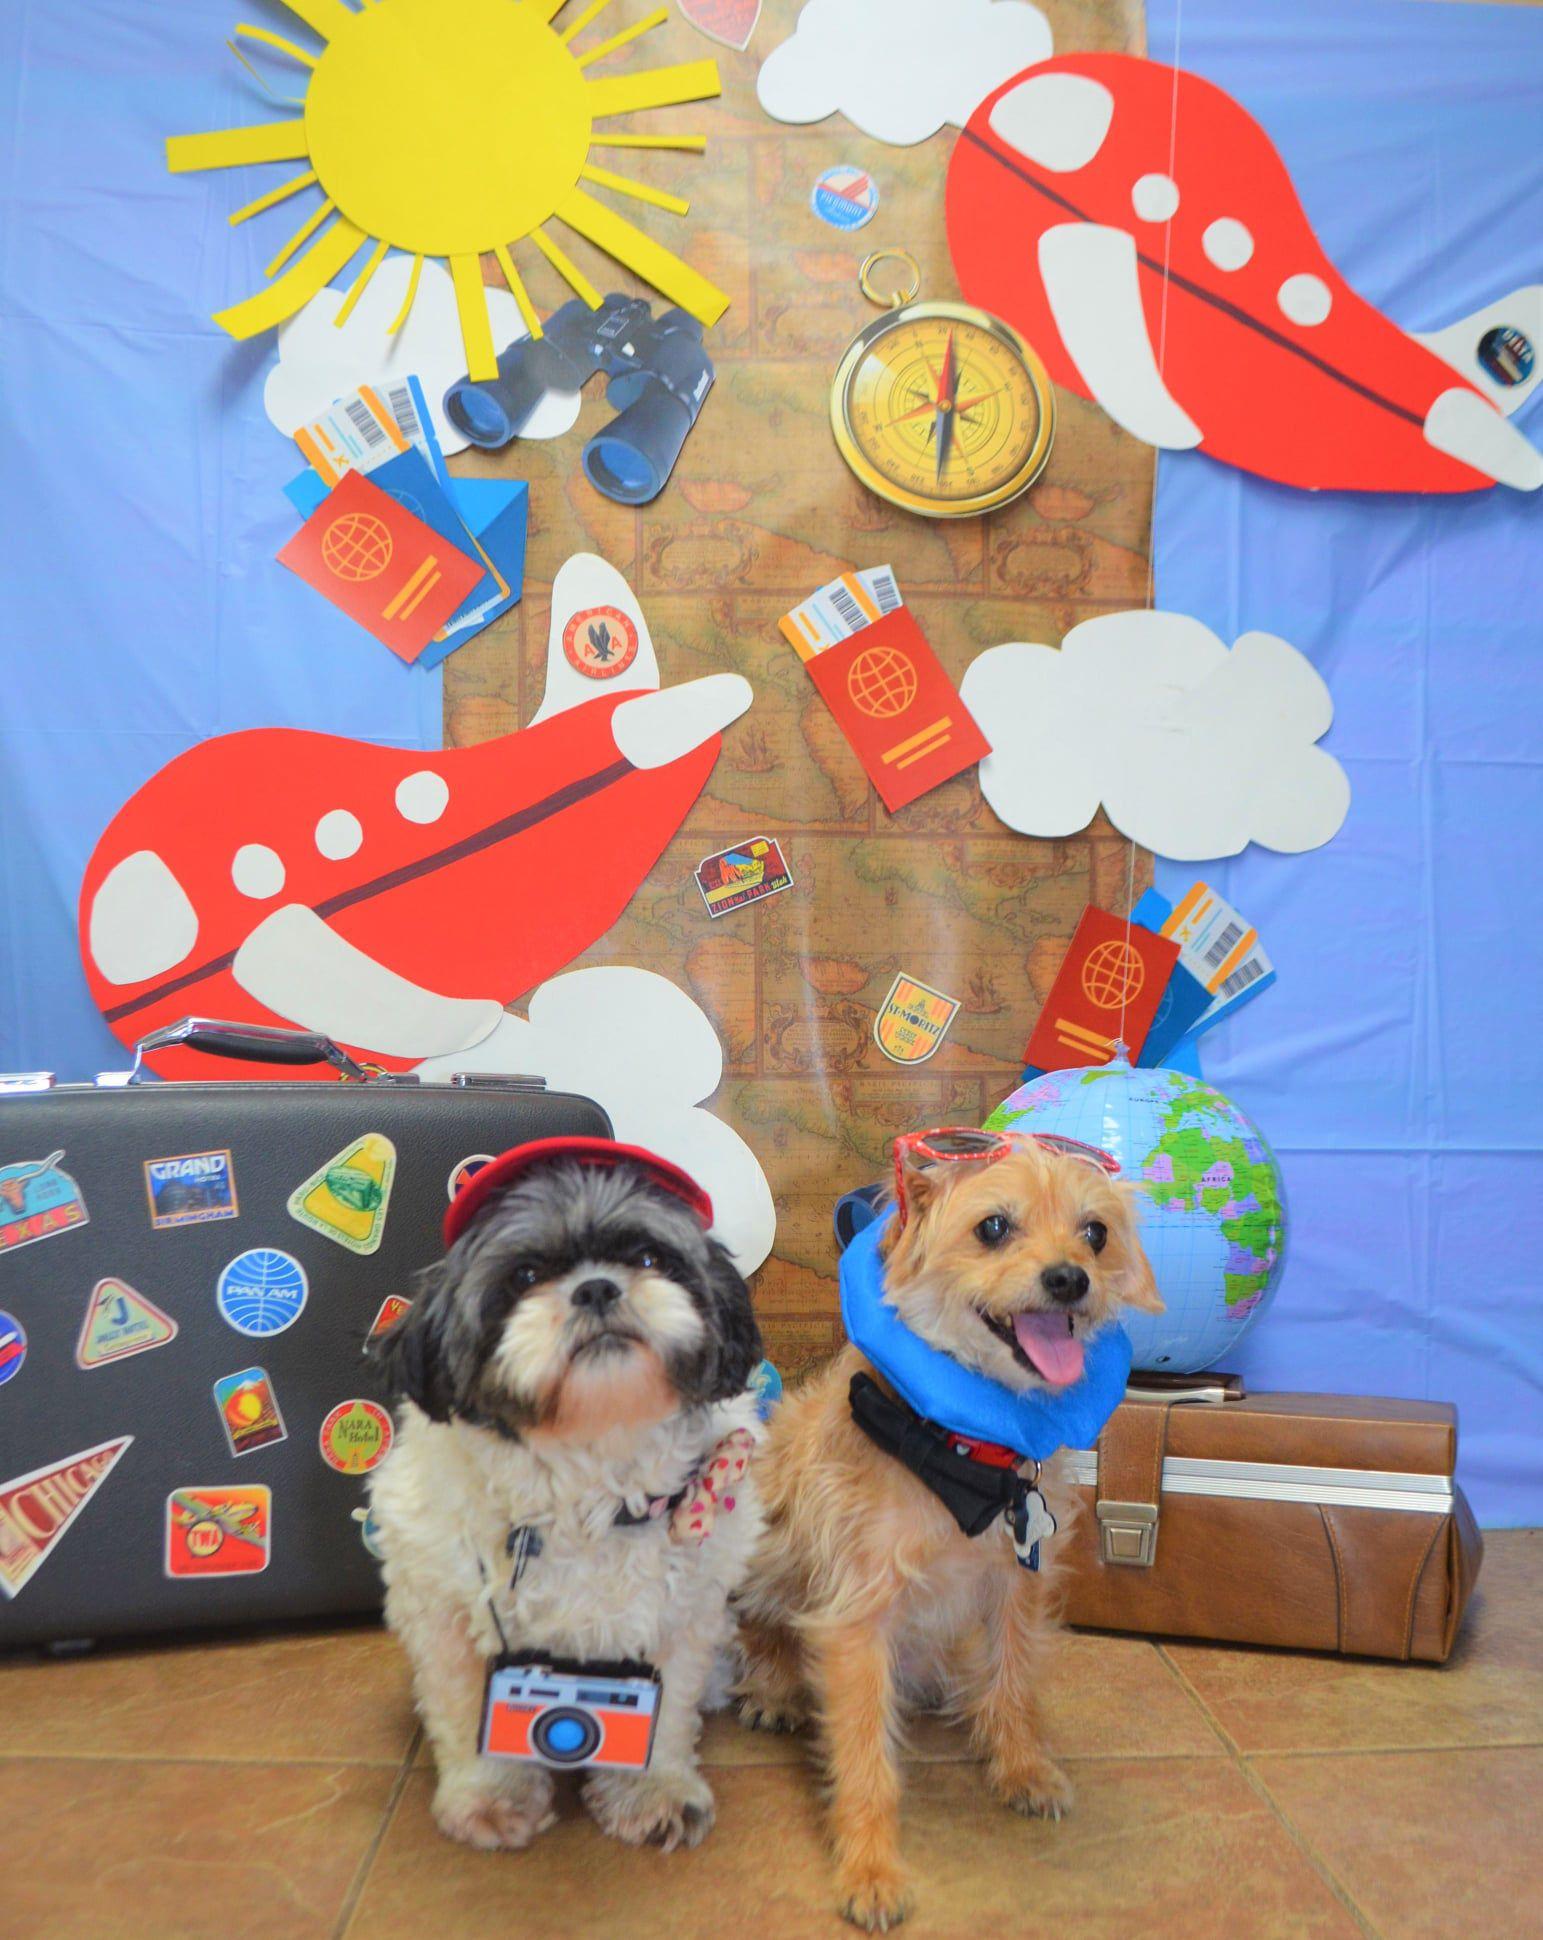 Kountry Pet Resort is one of the top pet groomers in Kane County (Kountry Pet Resort via Facebook)